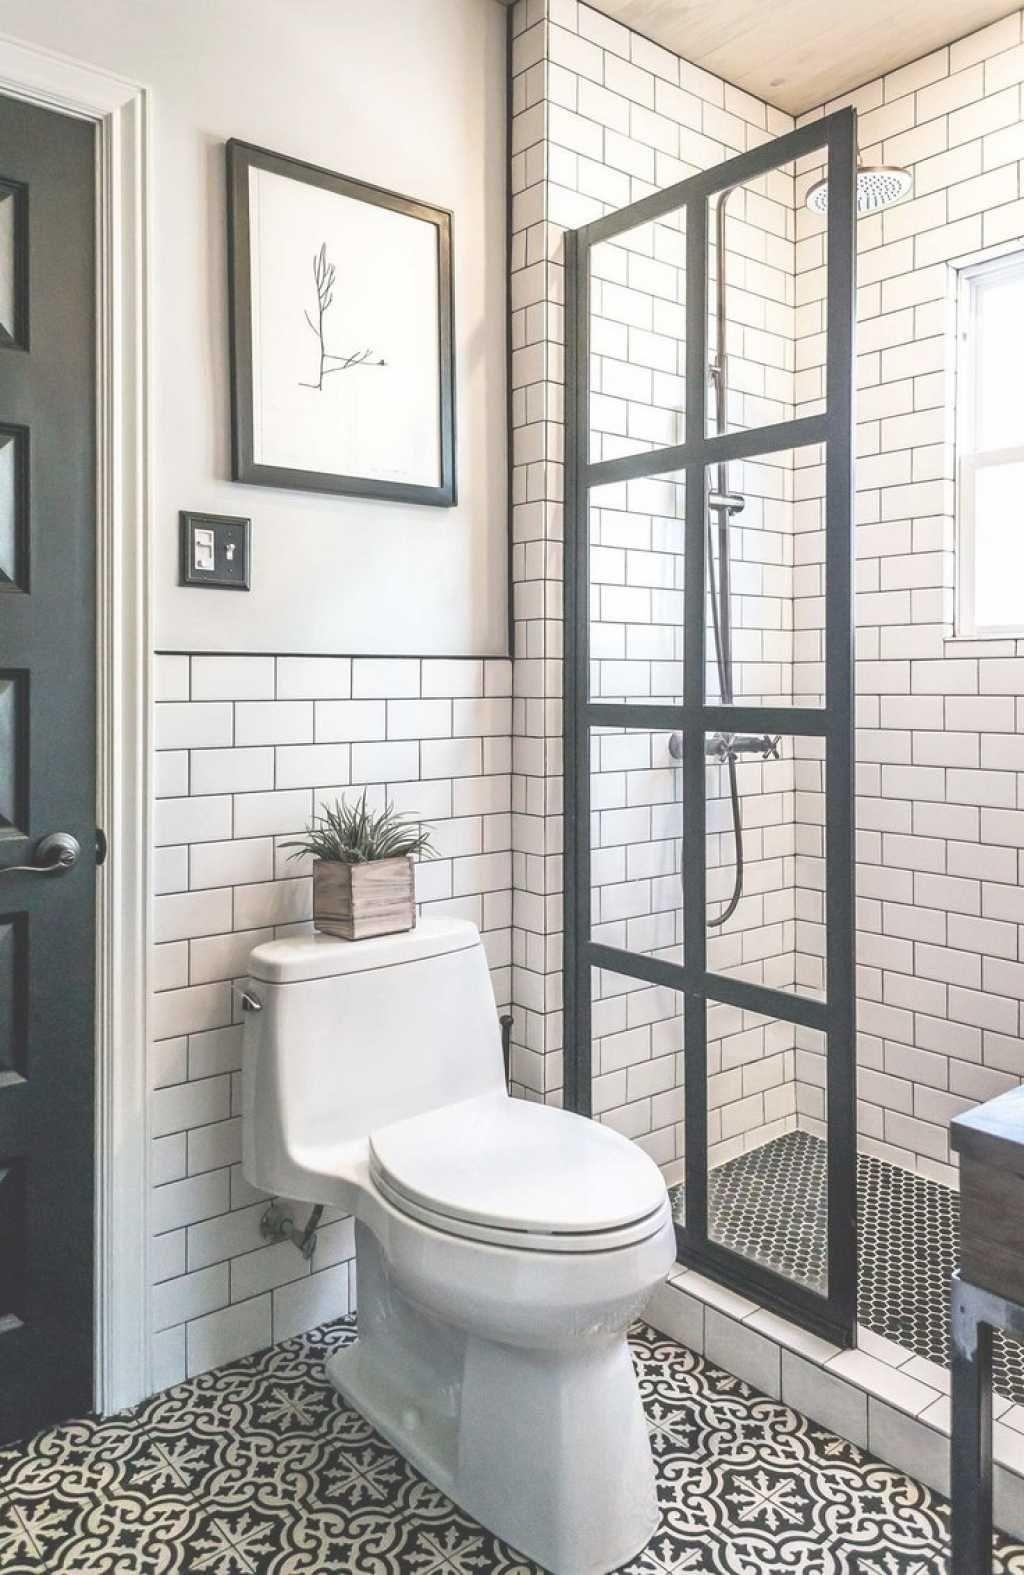 small bathroom design 50+ small master bathroom makeover ideas on a budget http://zoladecor.com/ small-master-bathroom-makeover-ideas-on-a-budget QUREXJE